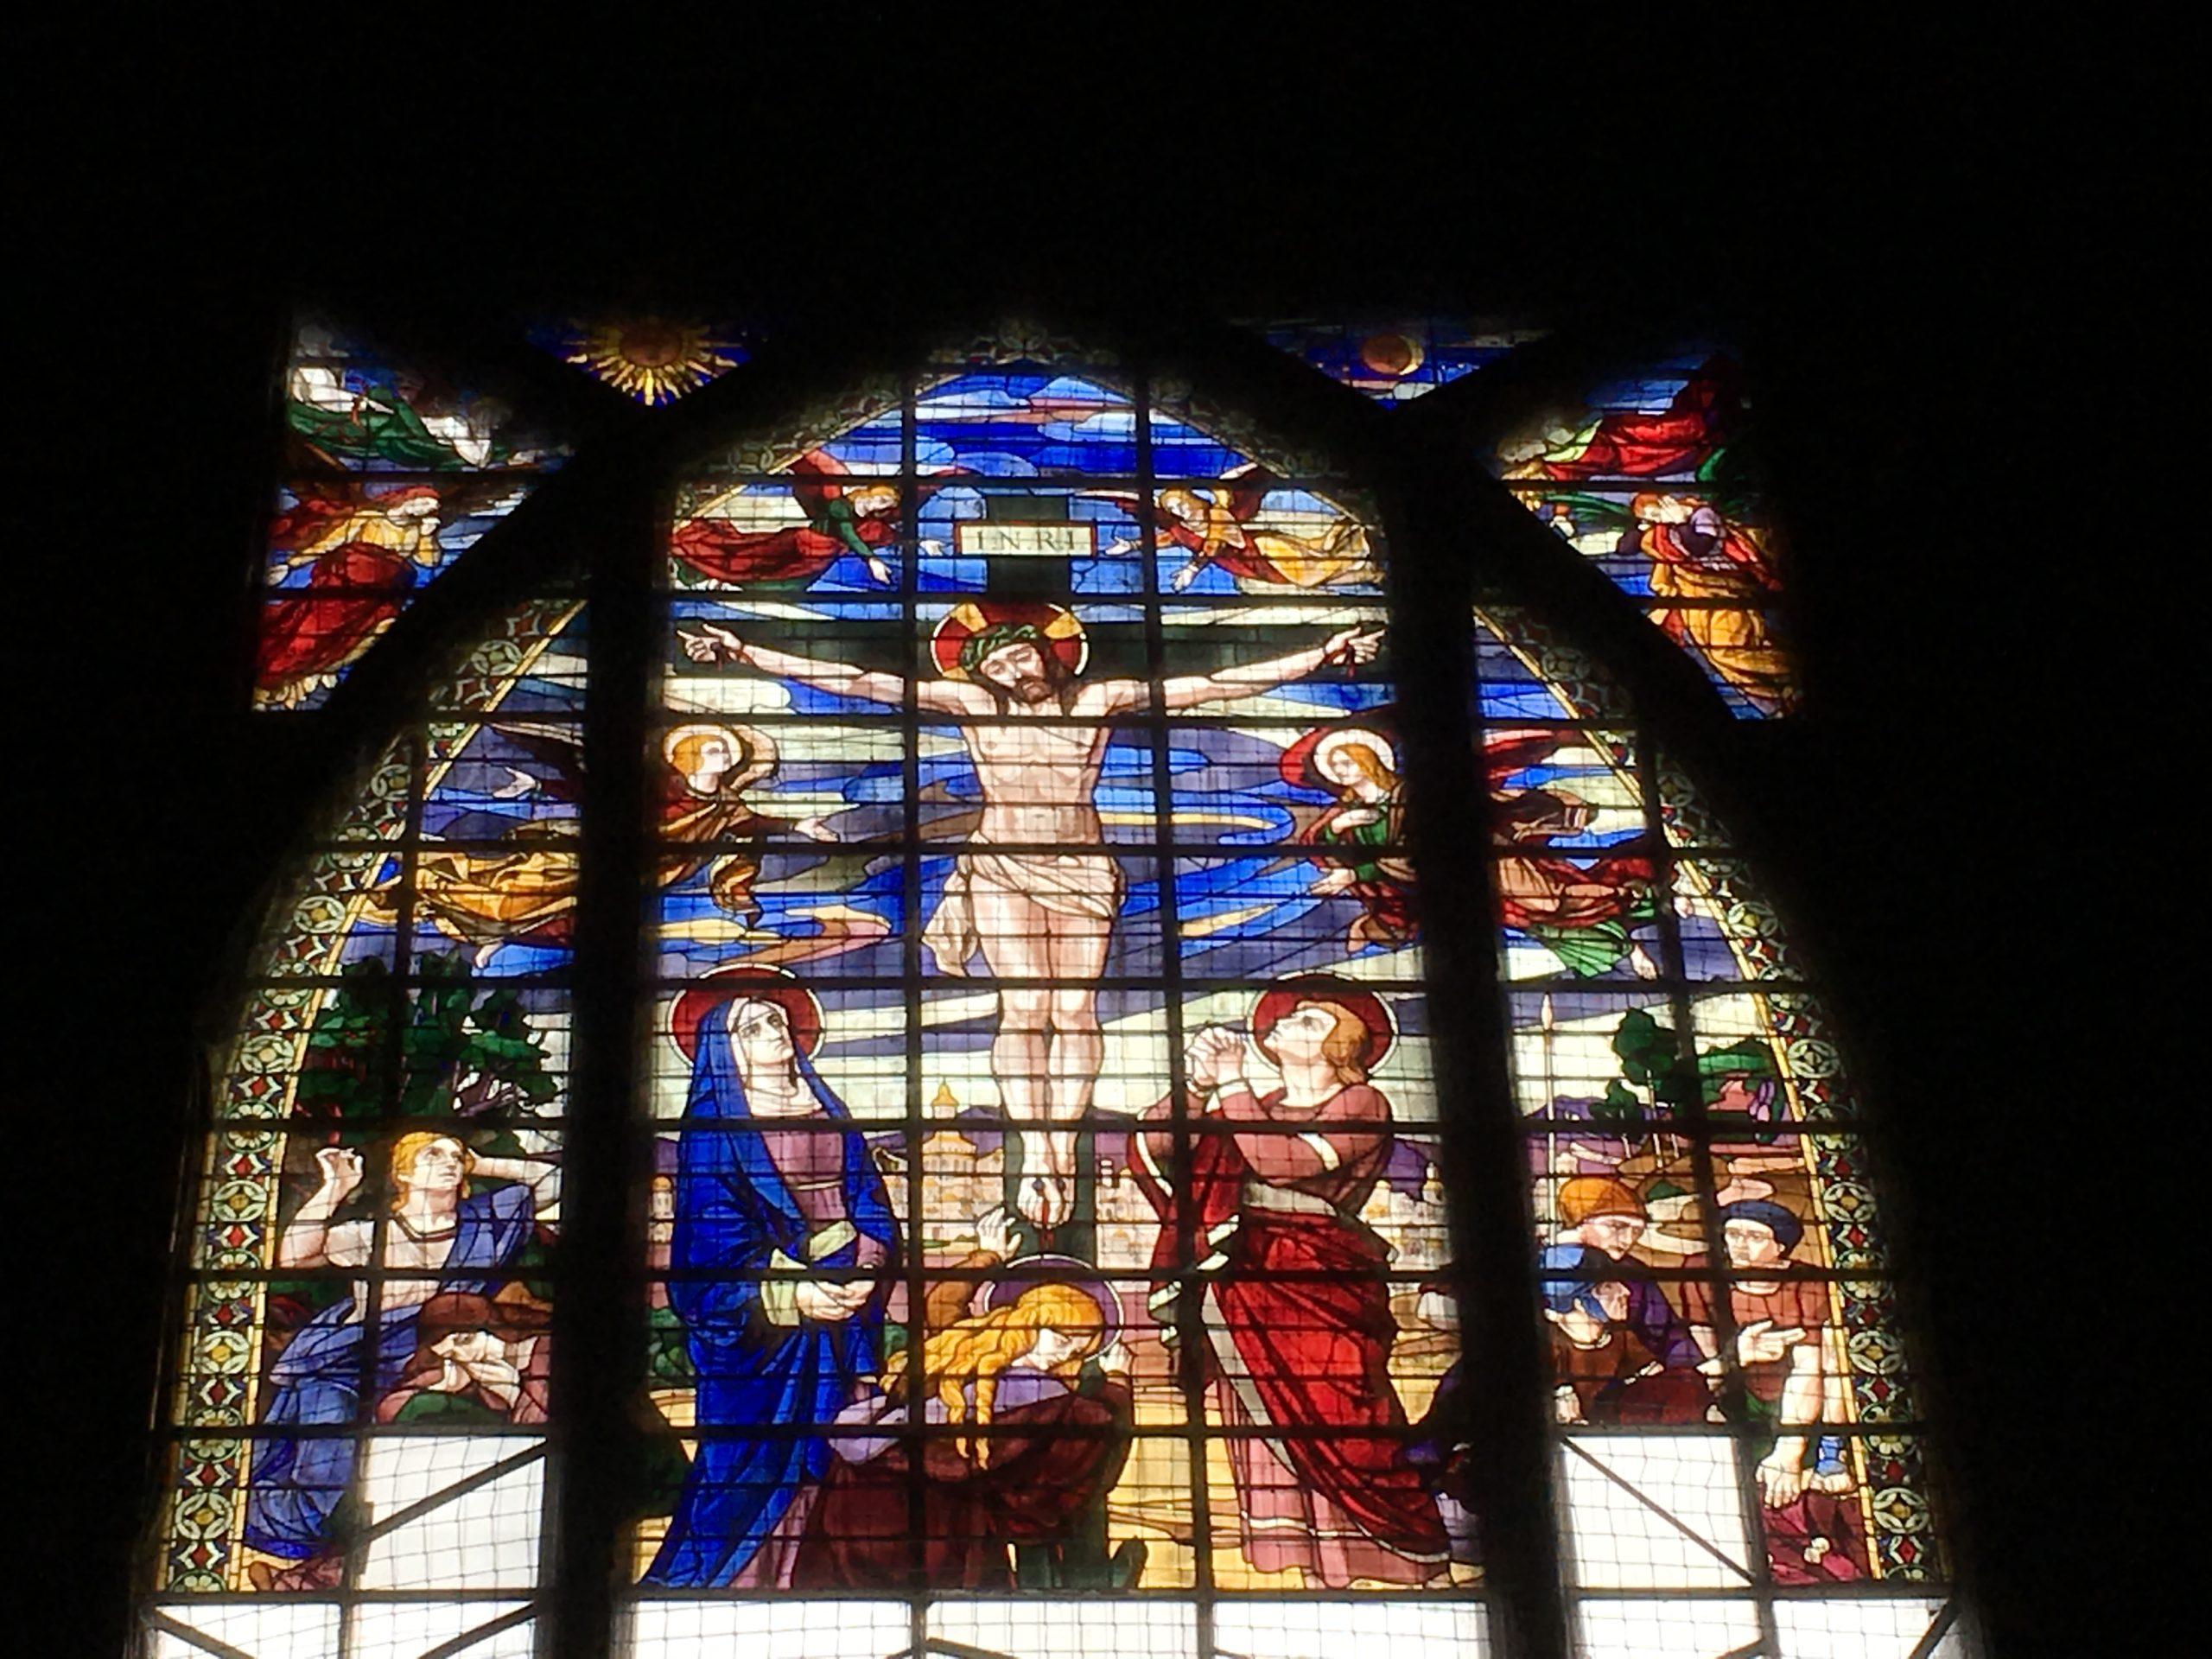 Vitraux de Église Saint-Jean de Montmartre, Paris